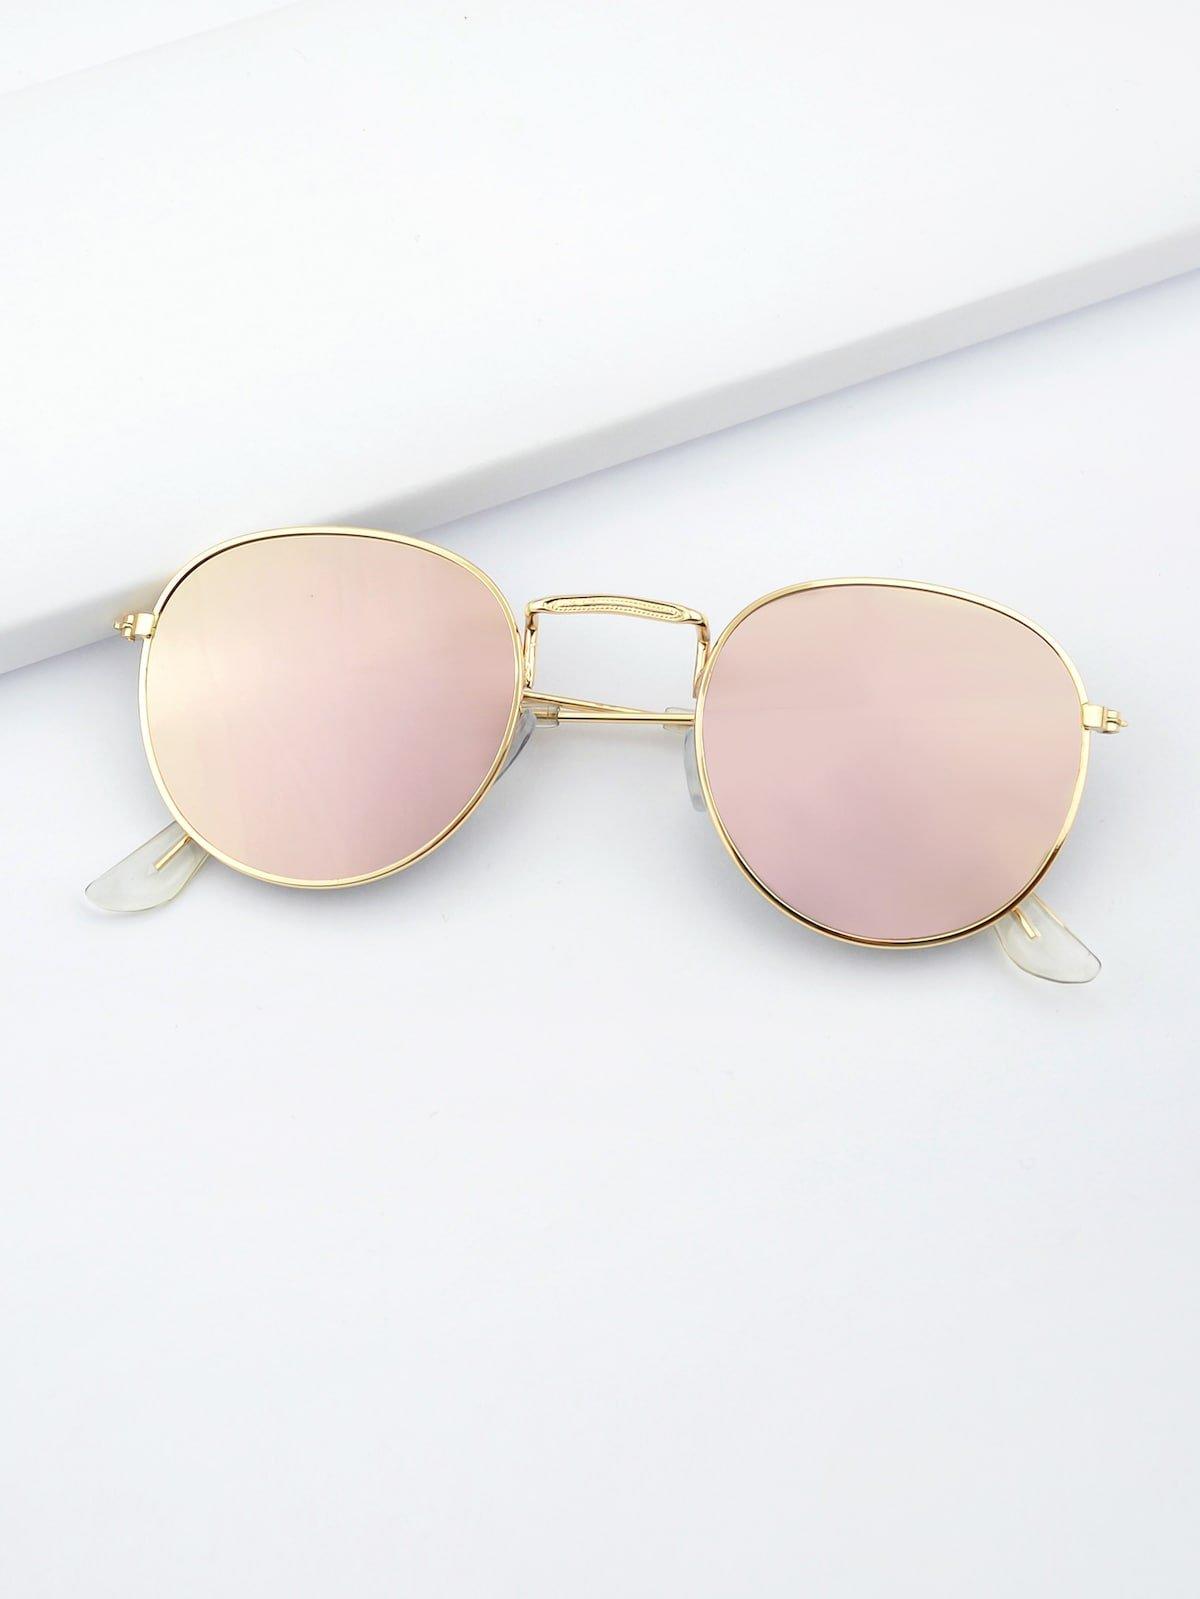 Pink Round Oversized Sunglasses | ROMWE